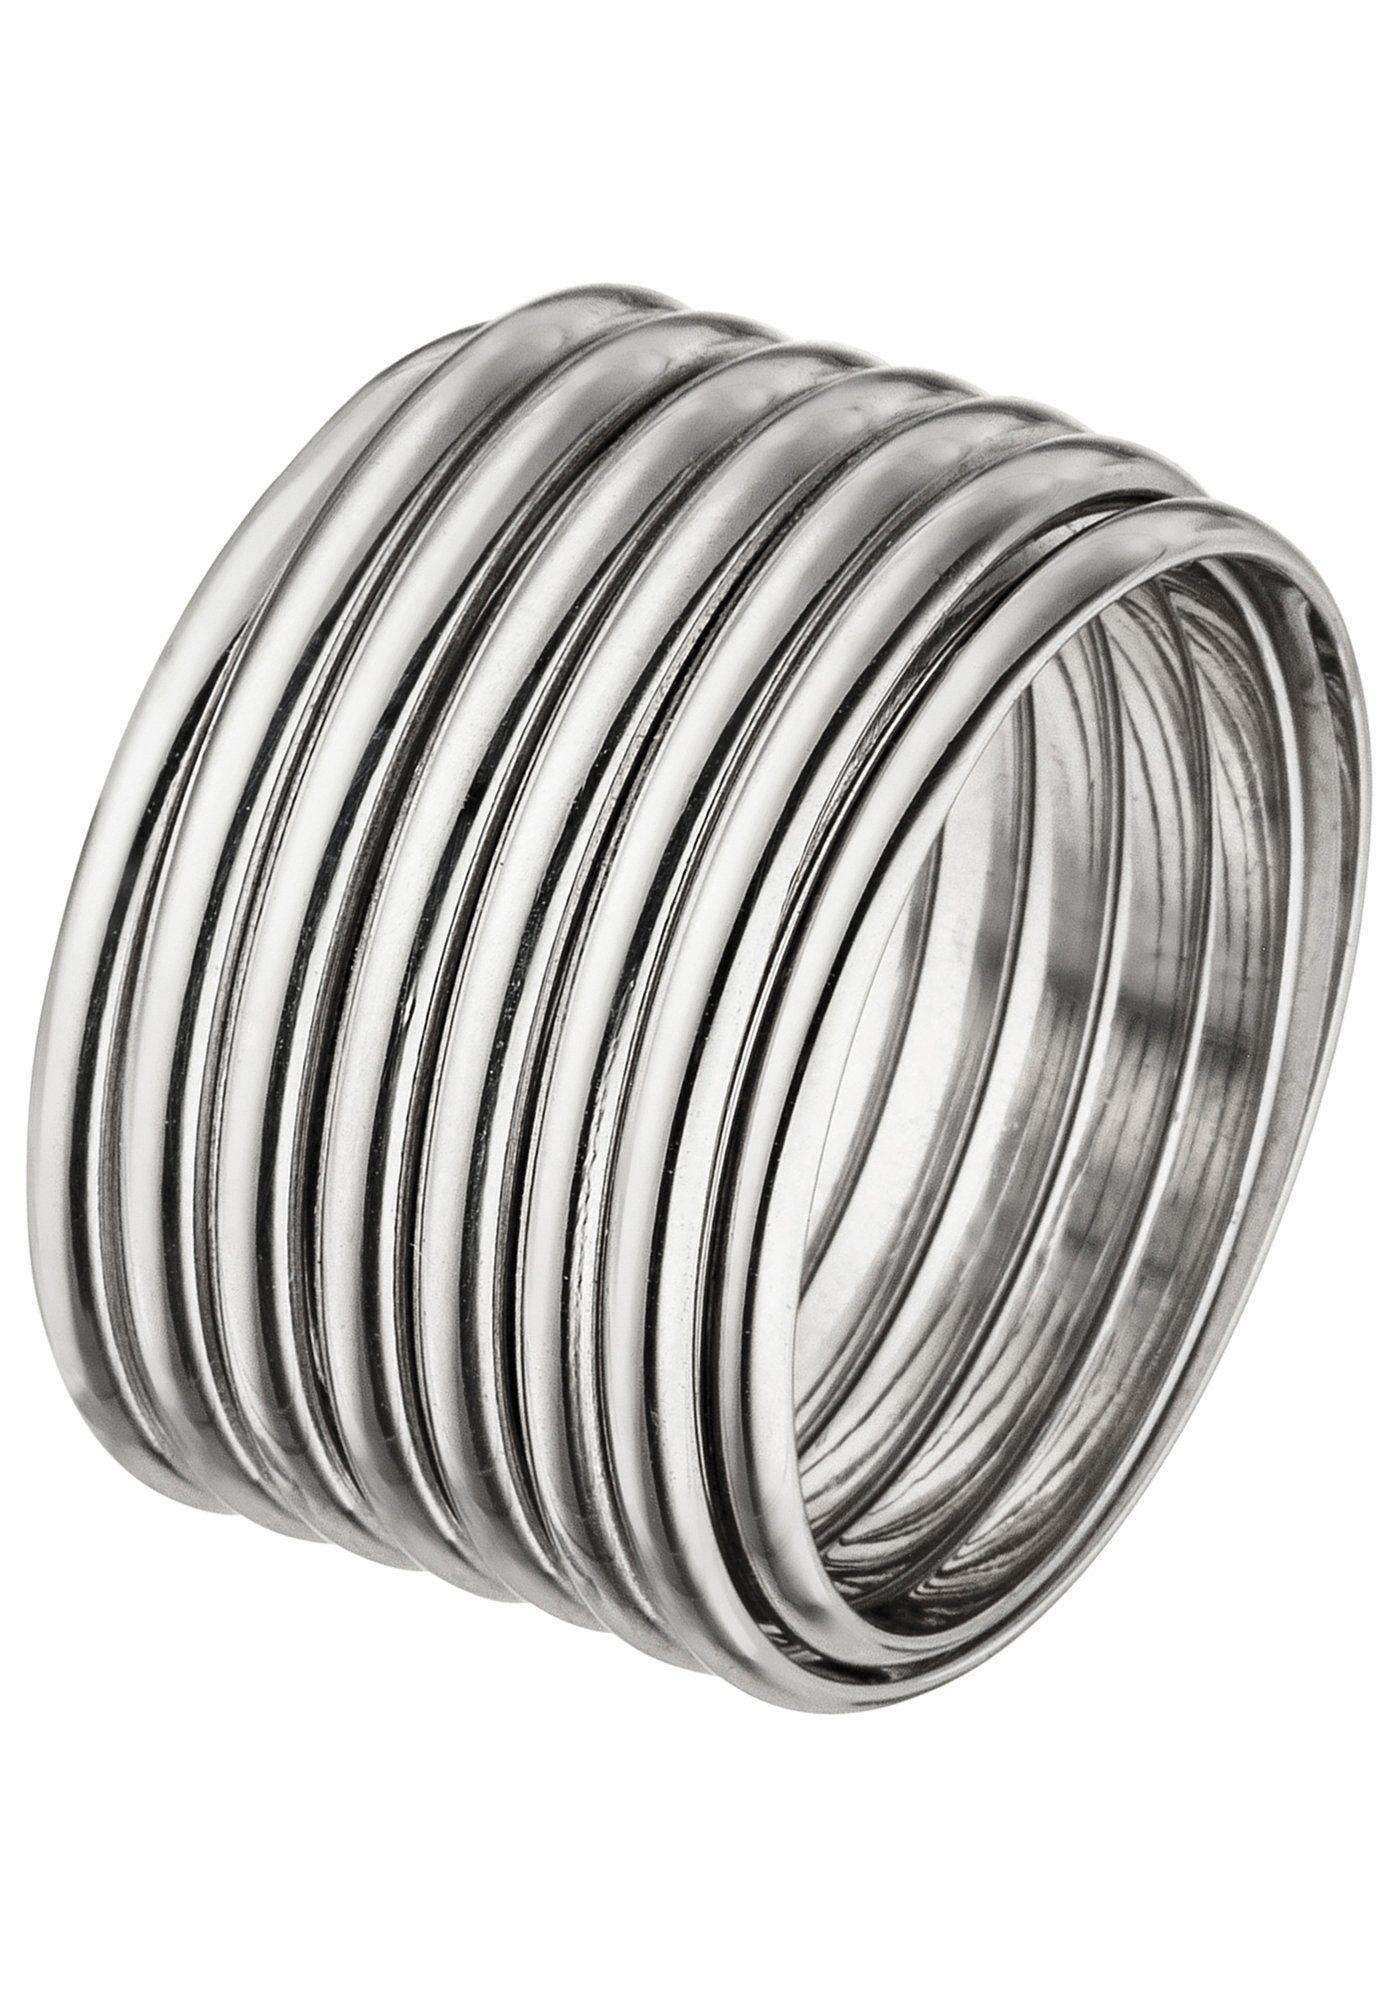 JOBO Silberring breit flexibel 925 Silber